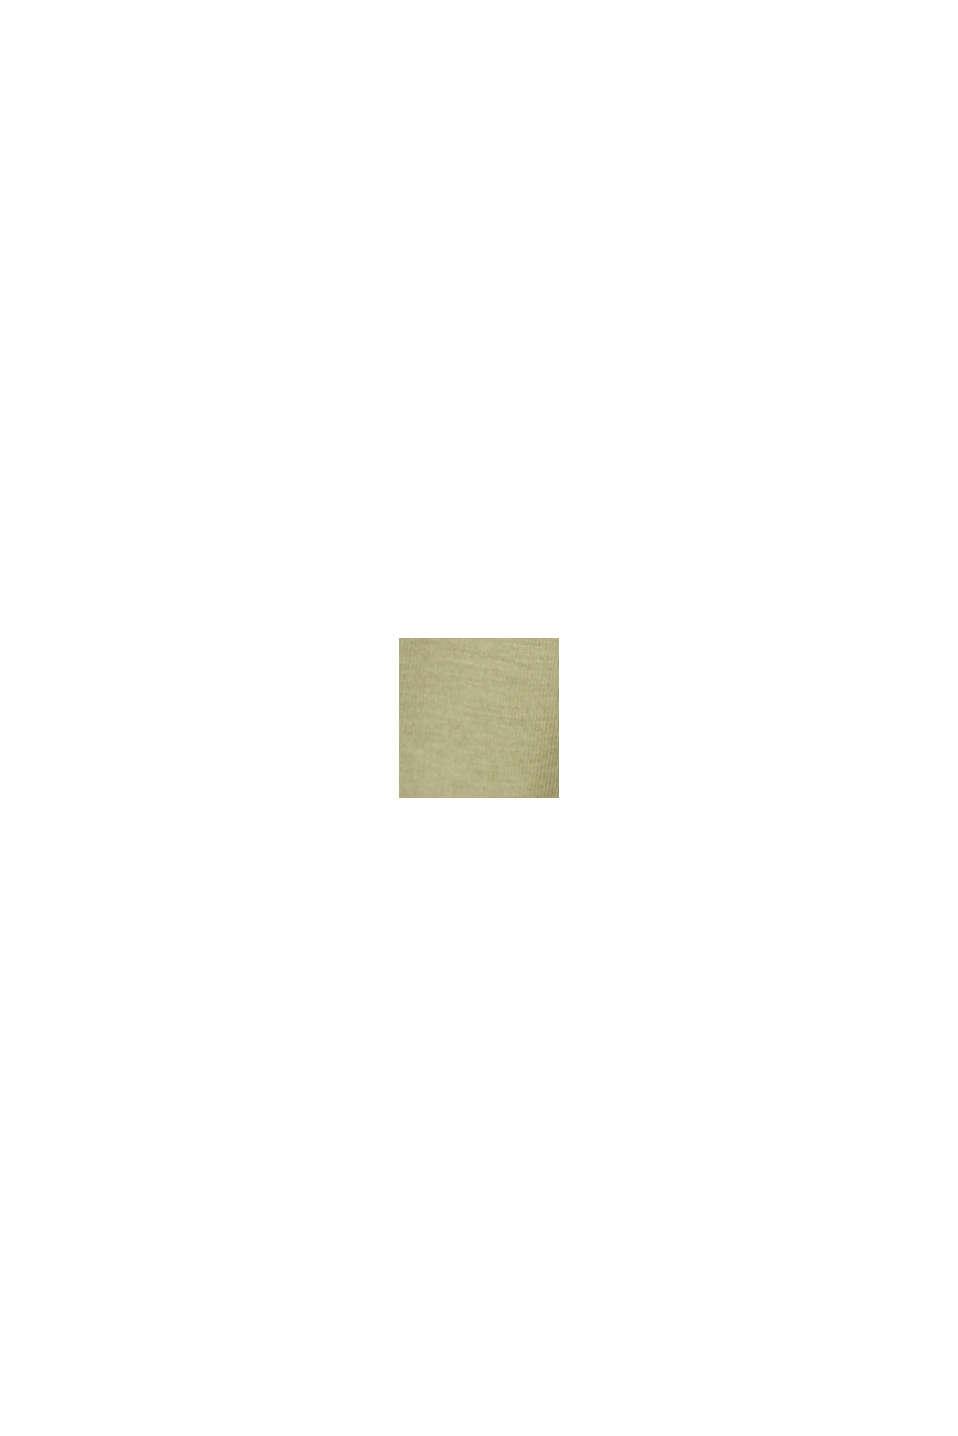 Maglia in jersey in 100% cotone biologico, LIGHT KHAKI, swatch